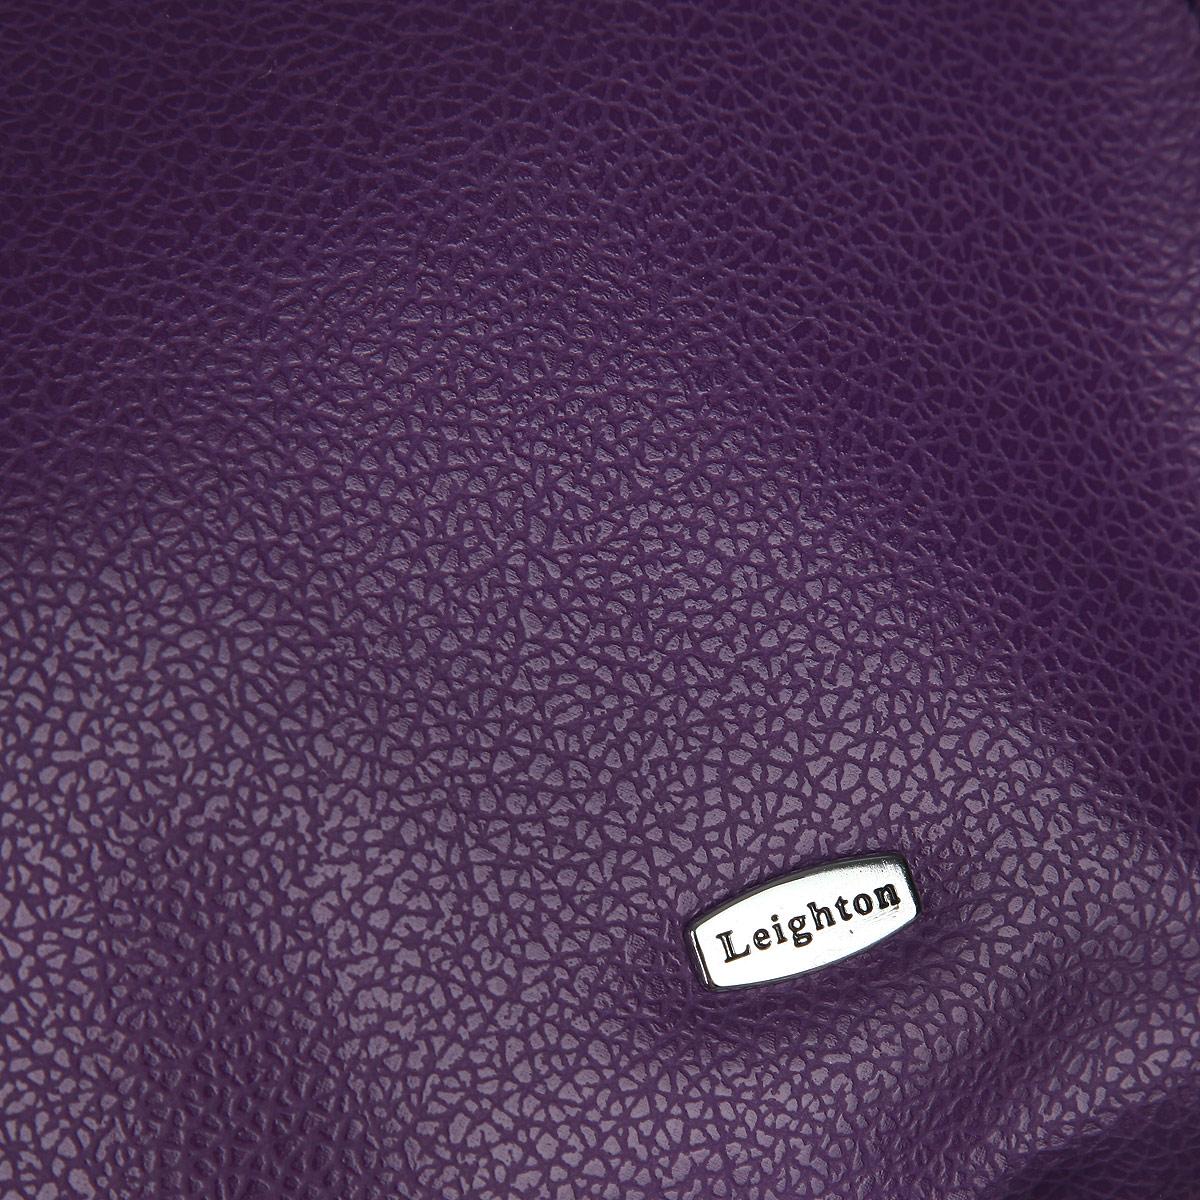 Сумка женская Leighton, цвет: сиреневый, черный. 82707-1185/301/101 ( 82707-1185/301/101 )